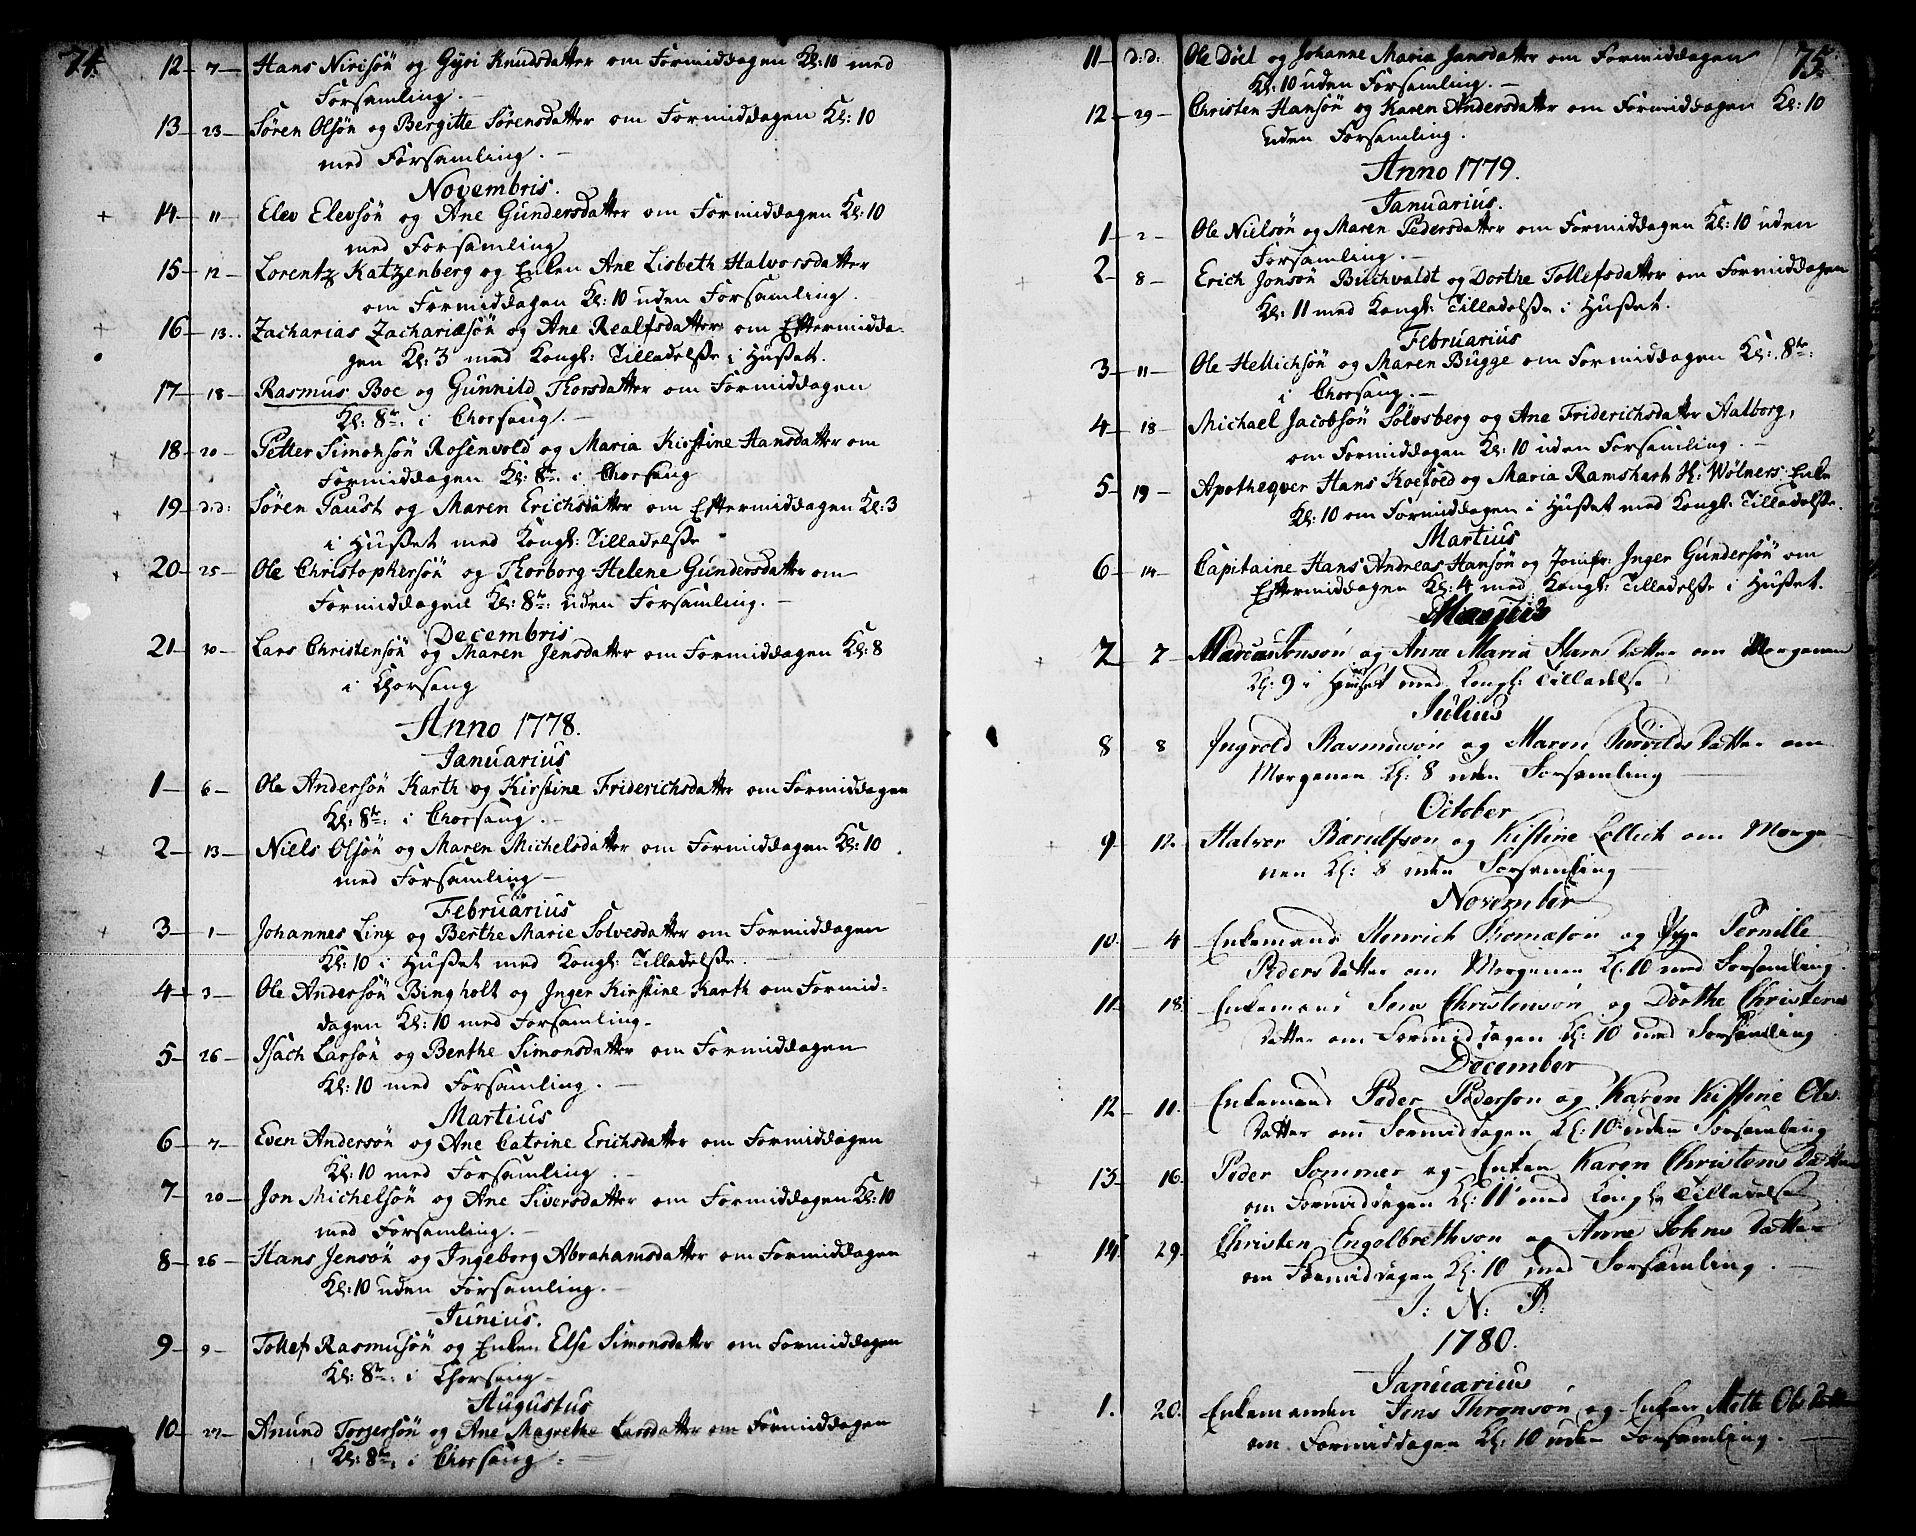 SAKO, Skien kirkebøker, F/Fa/L0003: Ministerialbok nr. 3, 1755-1791, s. 74-75